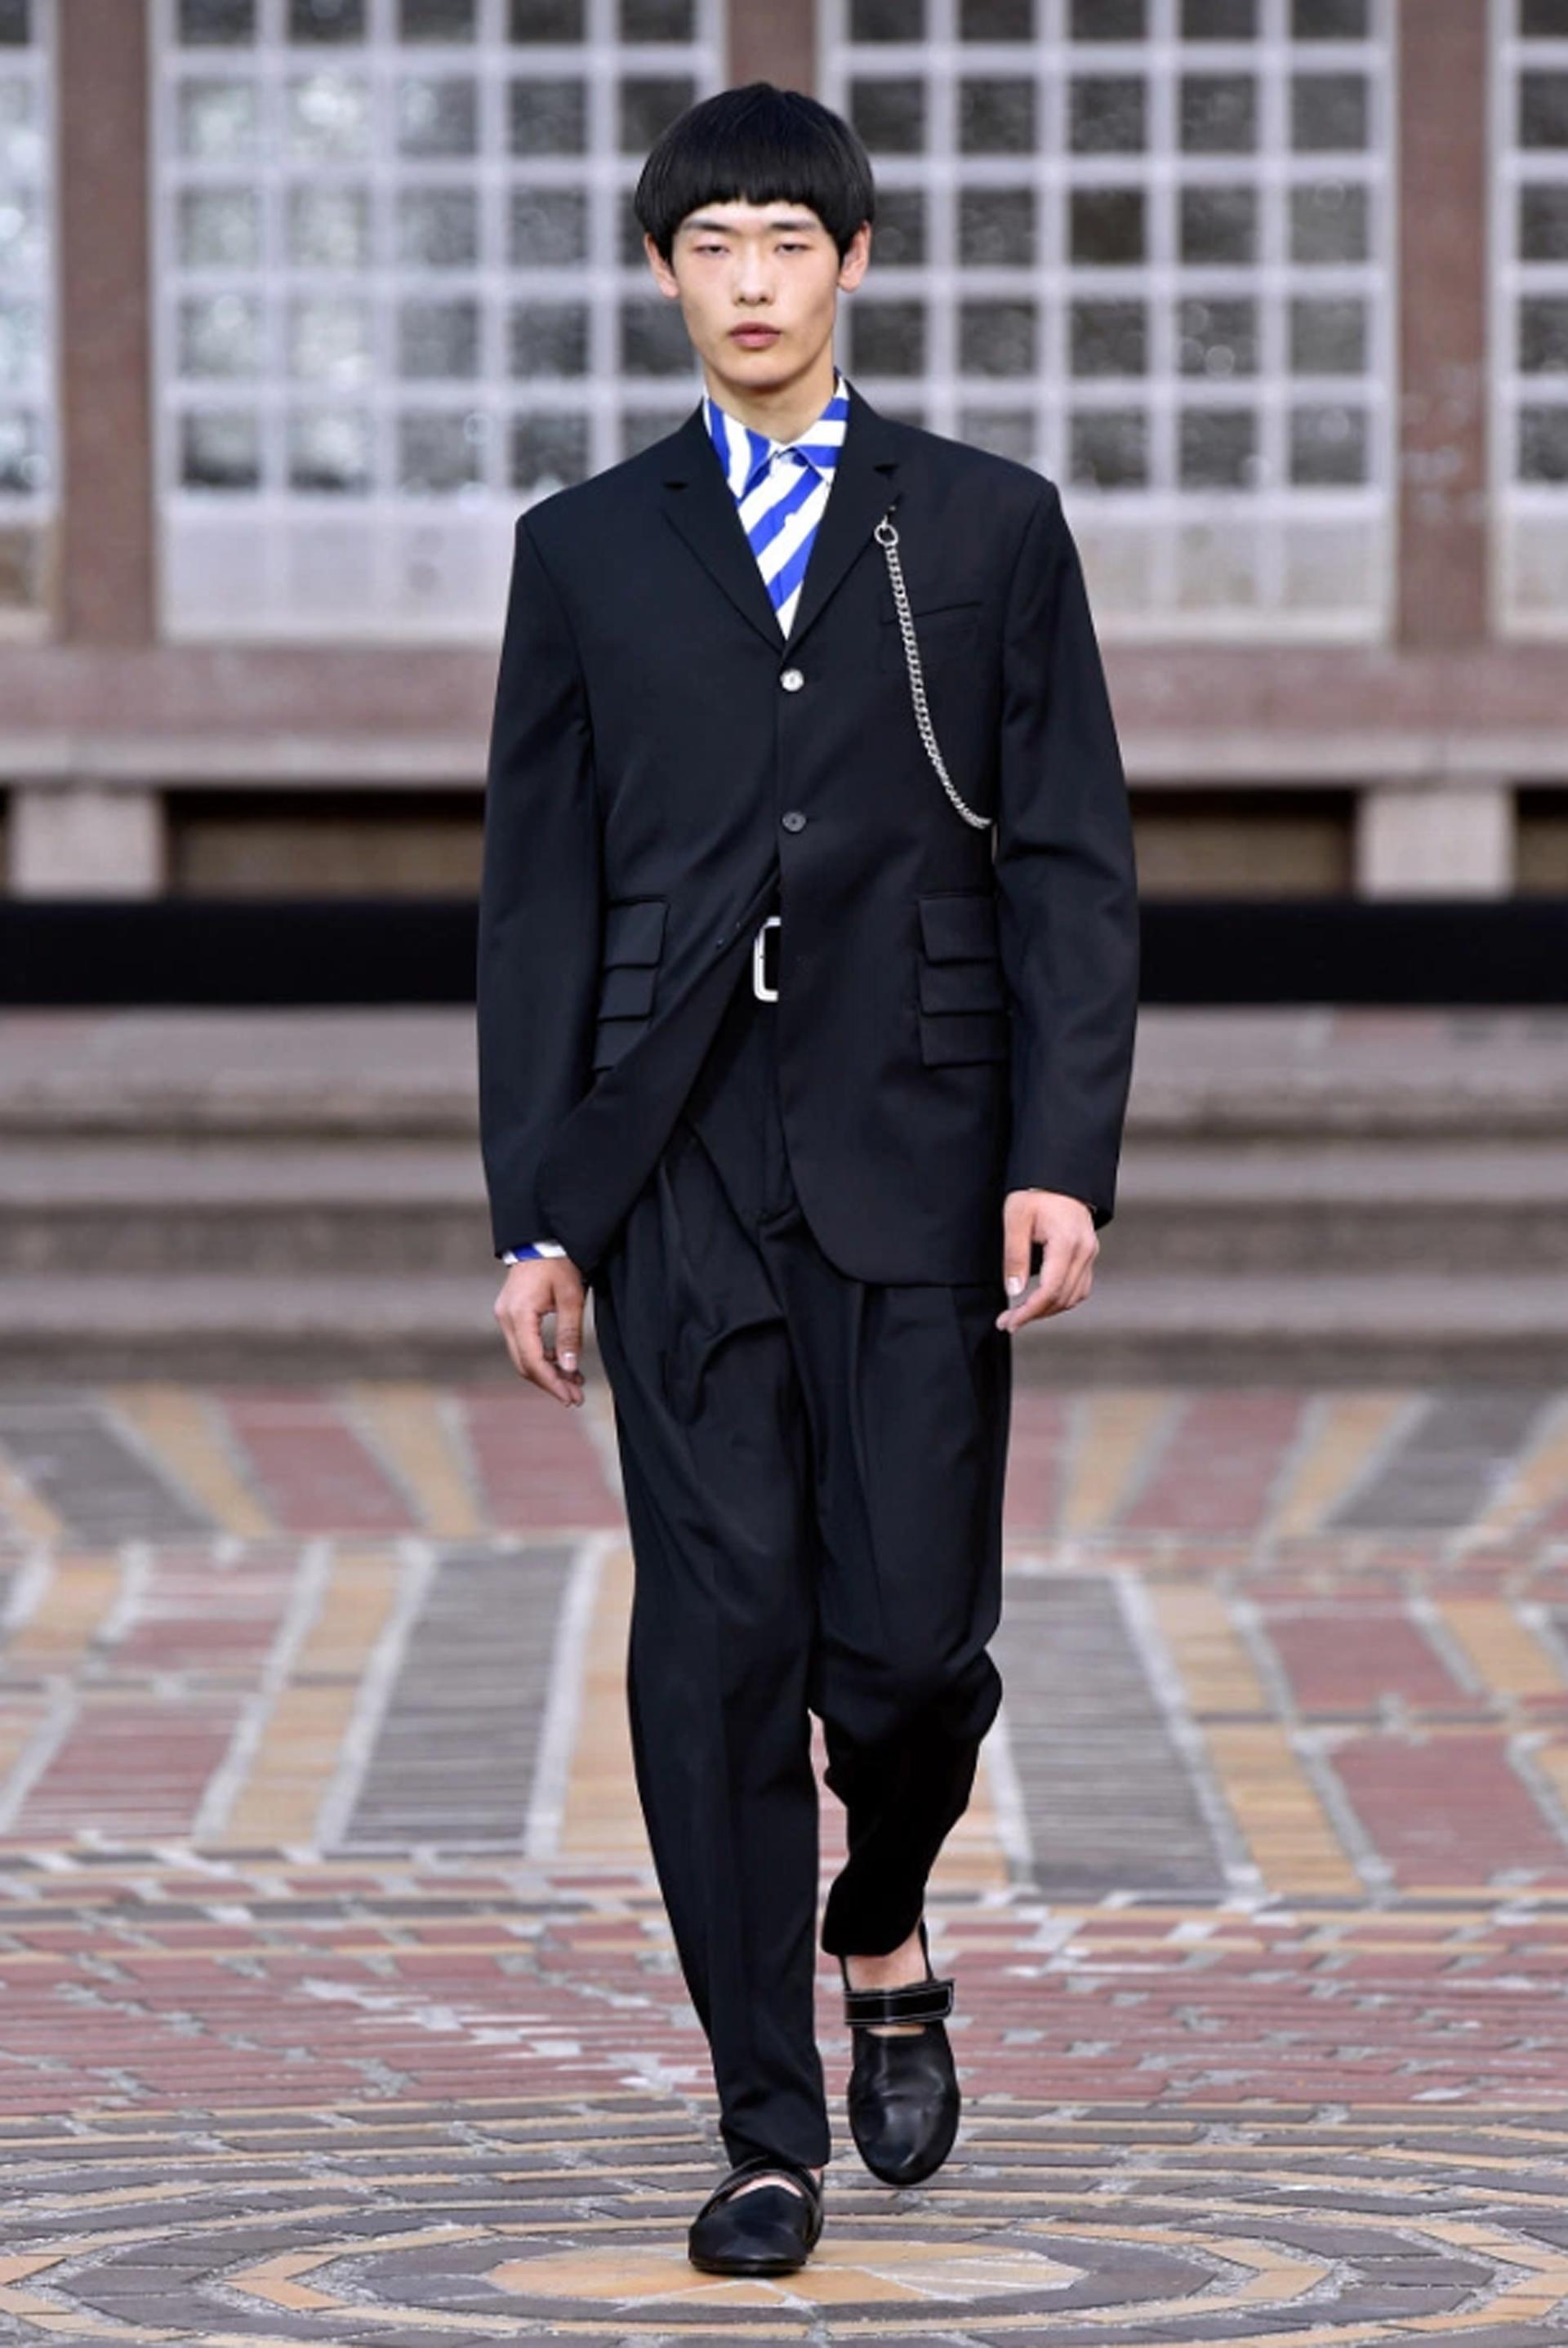 Un clásico smoking negro con un extravagante saco distinguido por tener unas pequeñas solapas y tres pliegues en los bolsillos delanteros. El detalle fue una cadena plateada. La camisa llamativa rayada en blanco y azul francia